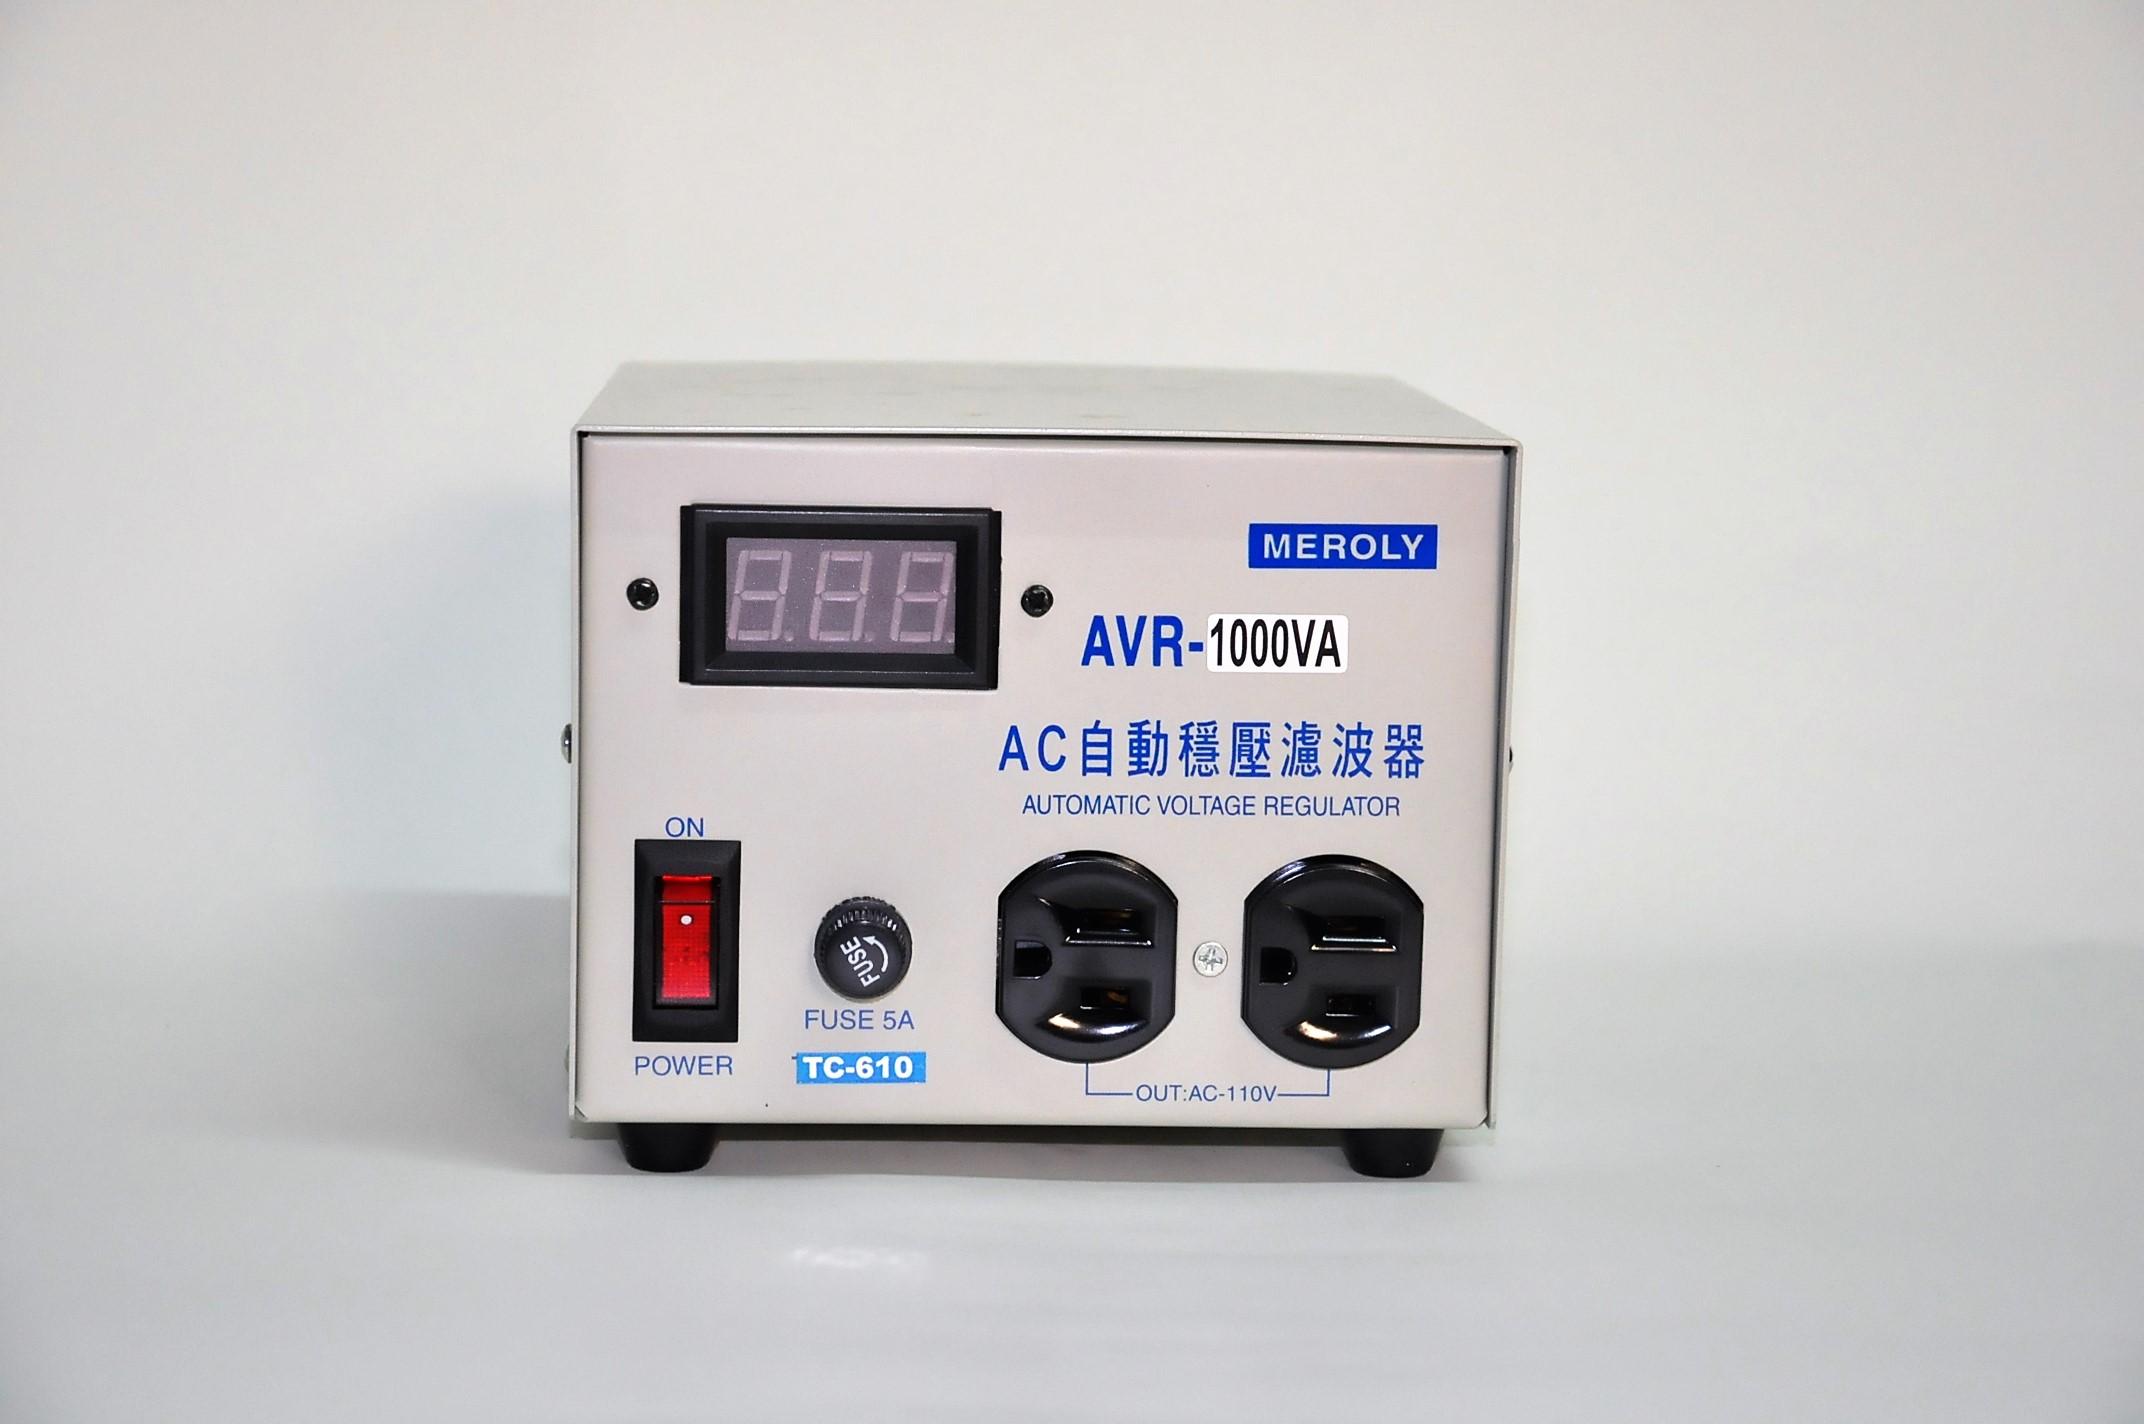 TC-610Ⅱ自動電源穩壓器